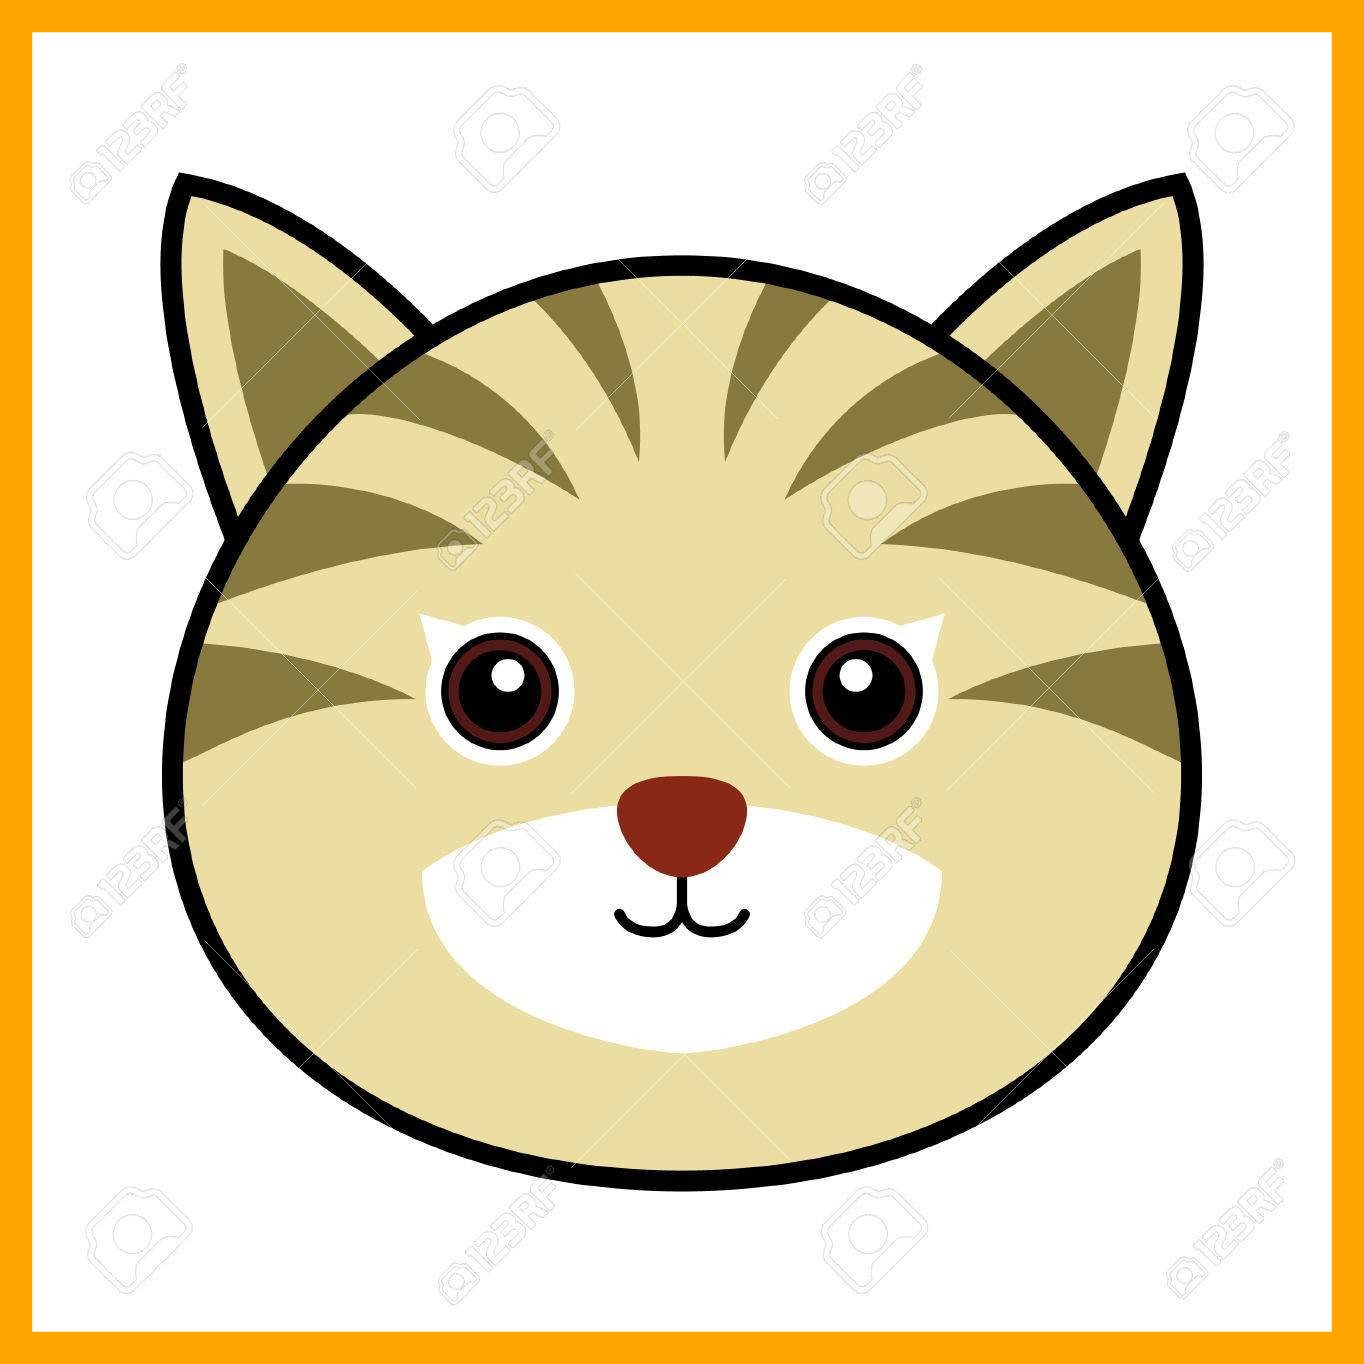 1364x1364 Fascinating Cat Cartoon Clip Art Cute Face Vector Material Png